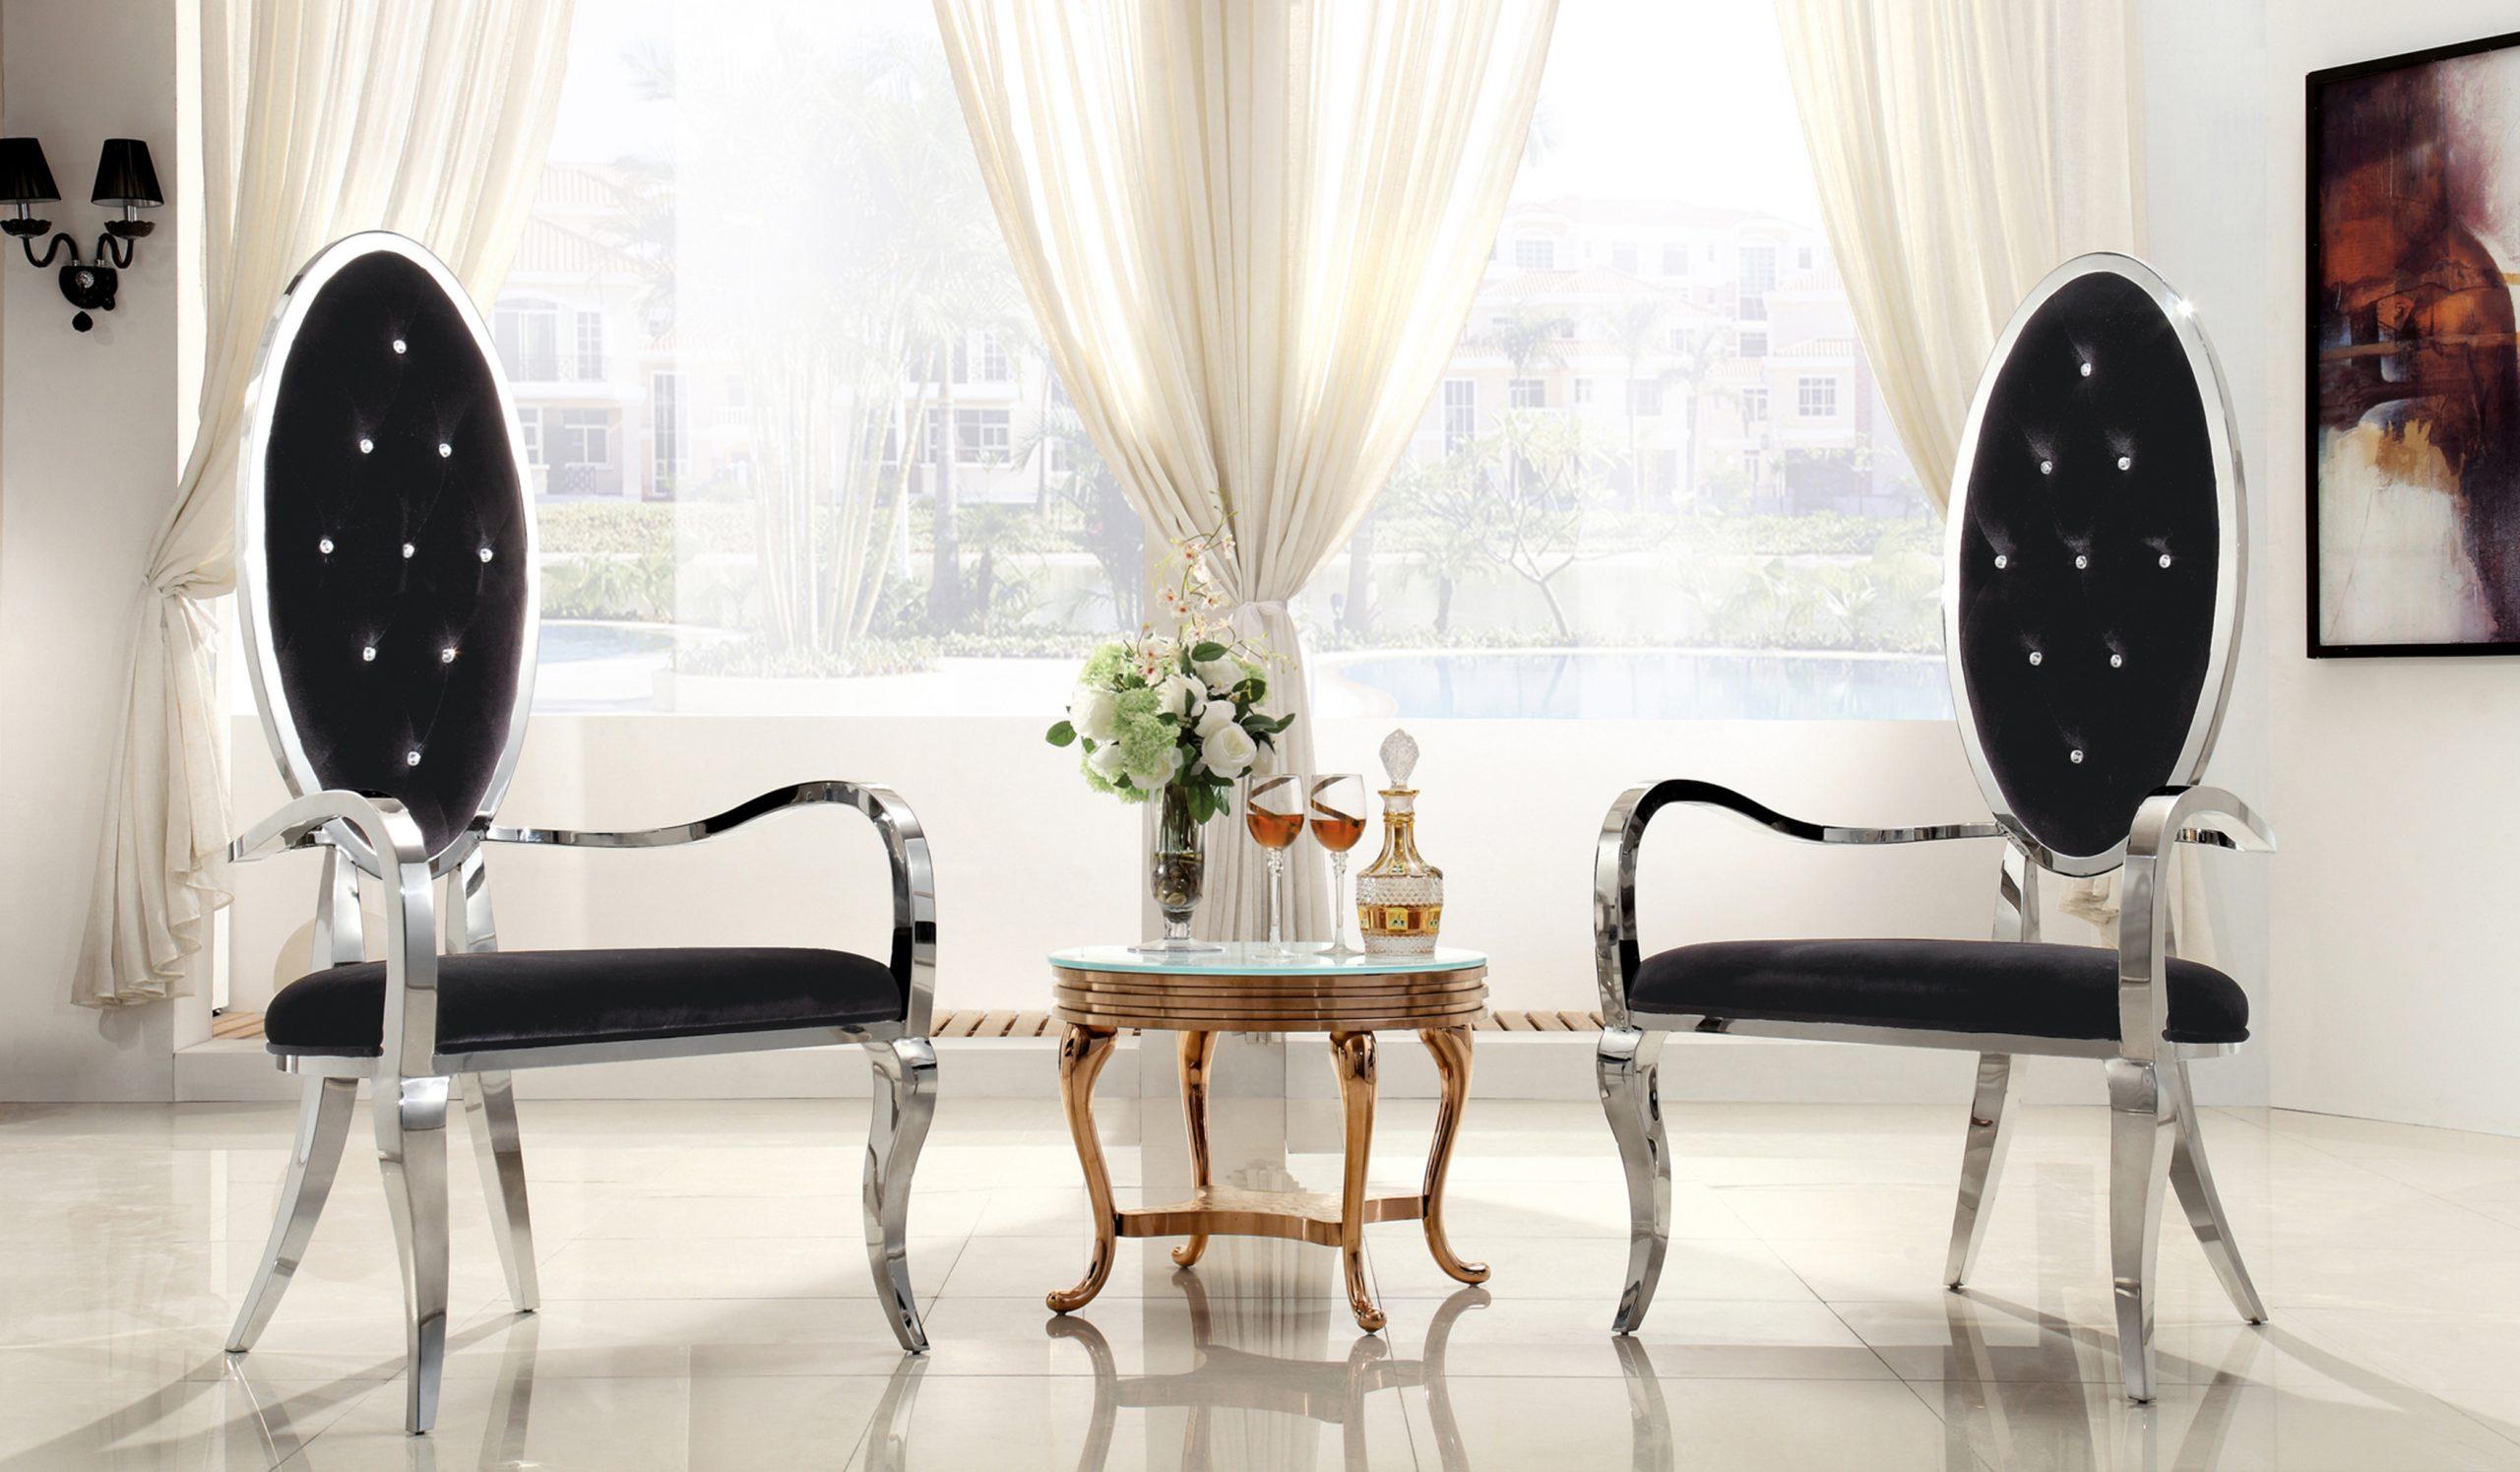 Full Size of Außergewöhnliche Betten Designermbel Erfllen Sie Ihre Wohntrume Coole Massivholz überlänge Outlet Team 7 Düsseldorf Günstige Dänisches Bettenlager Bett Außergewöhnliche Betten